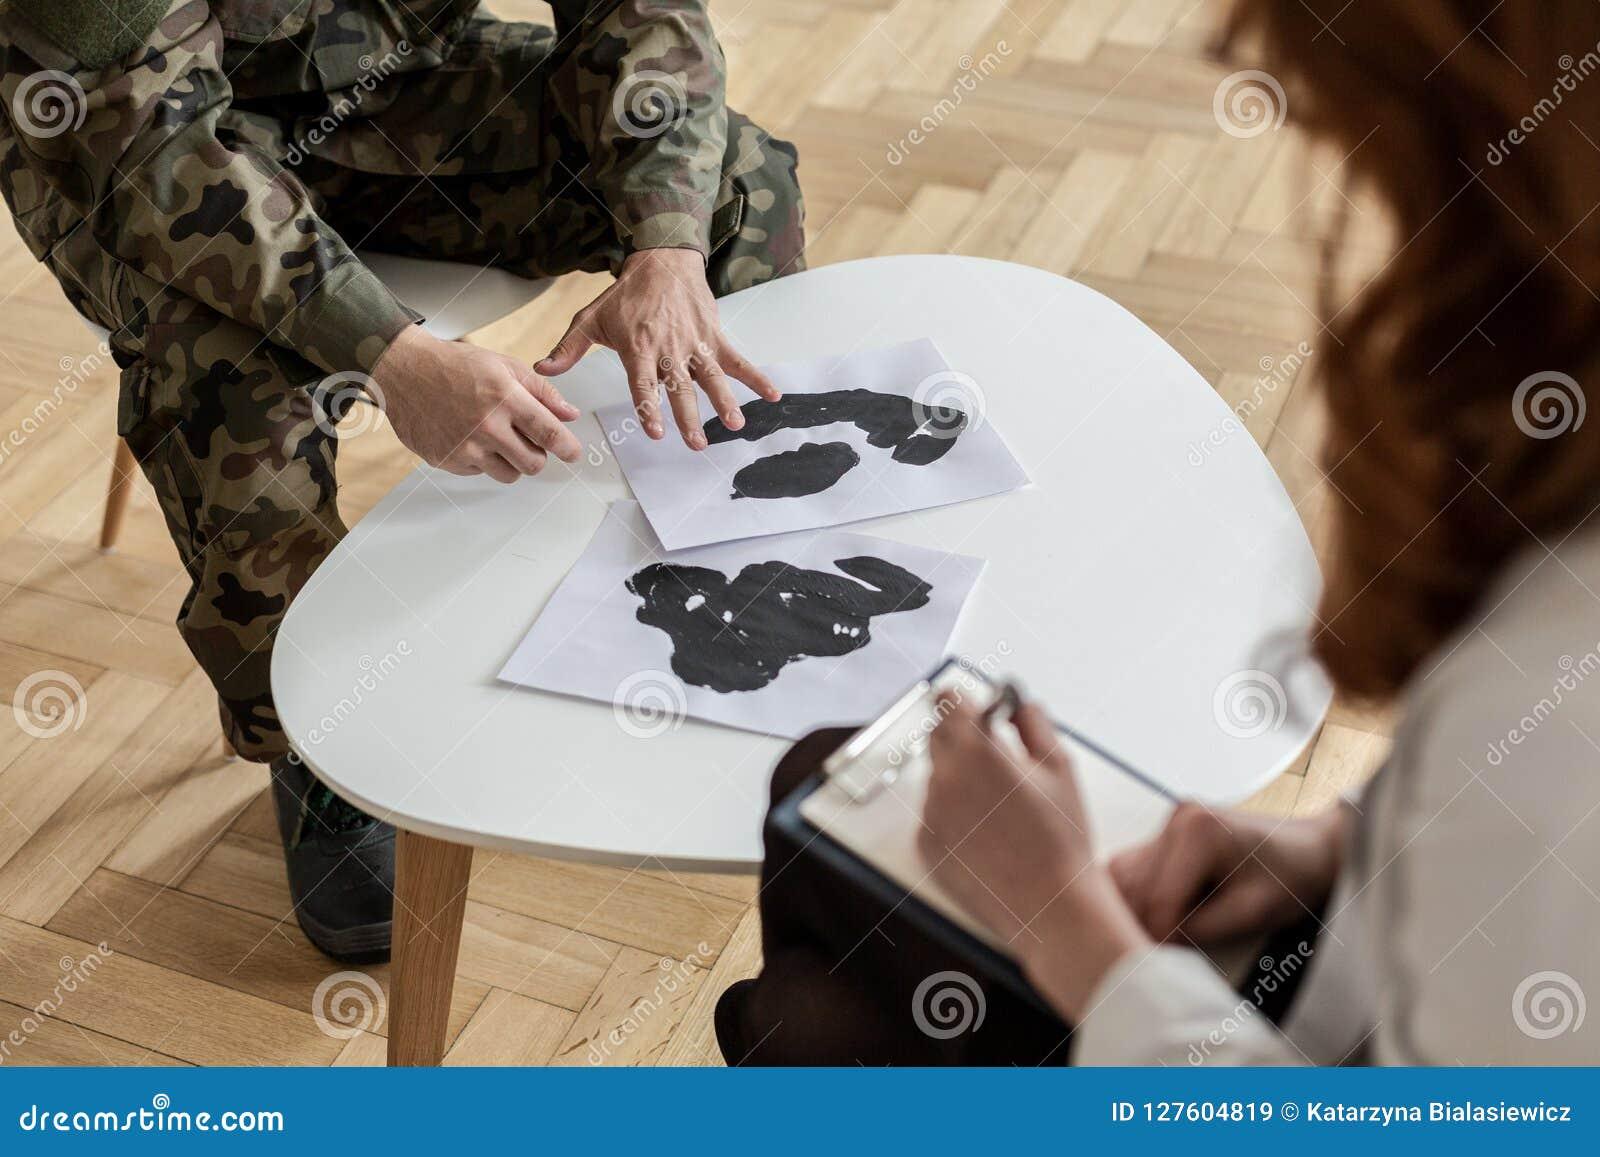 Wysoki kąt na żołnierzu w zieleń mundurze z plakatami podczas terapii z psychiatra